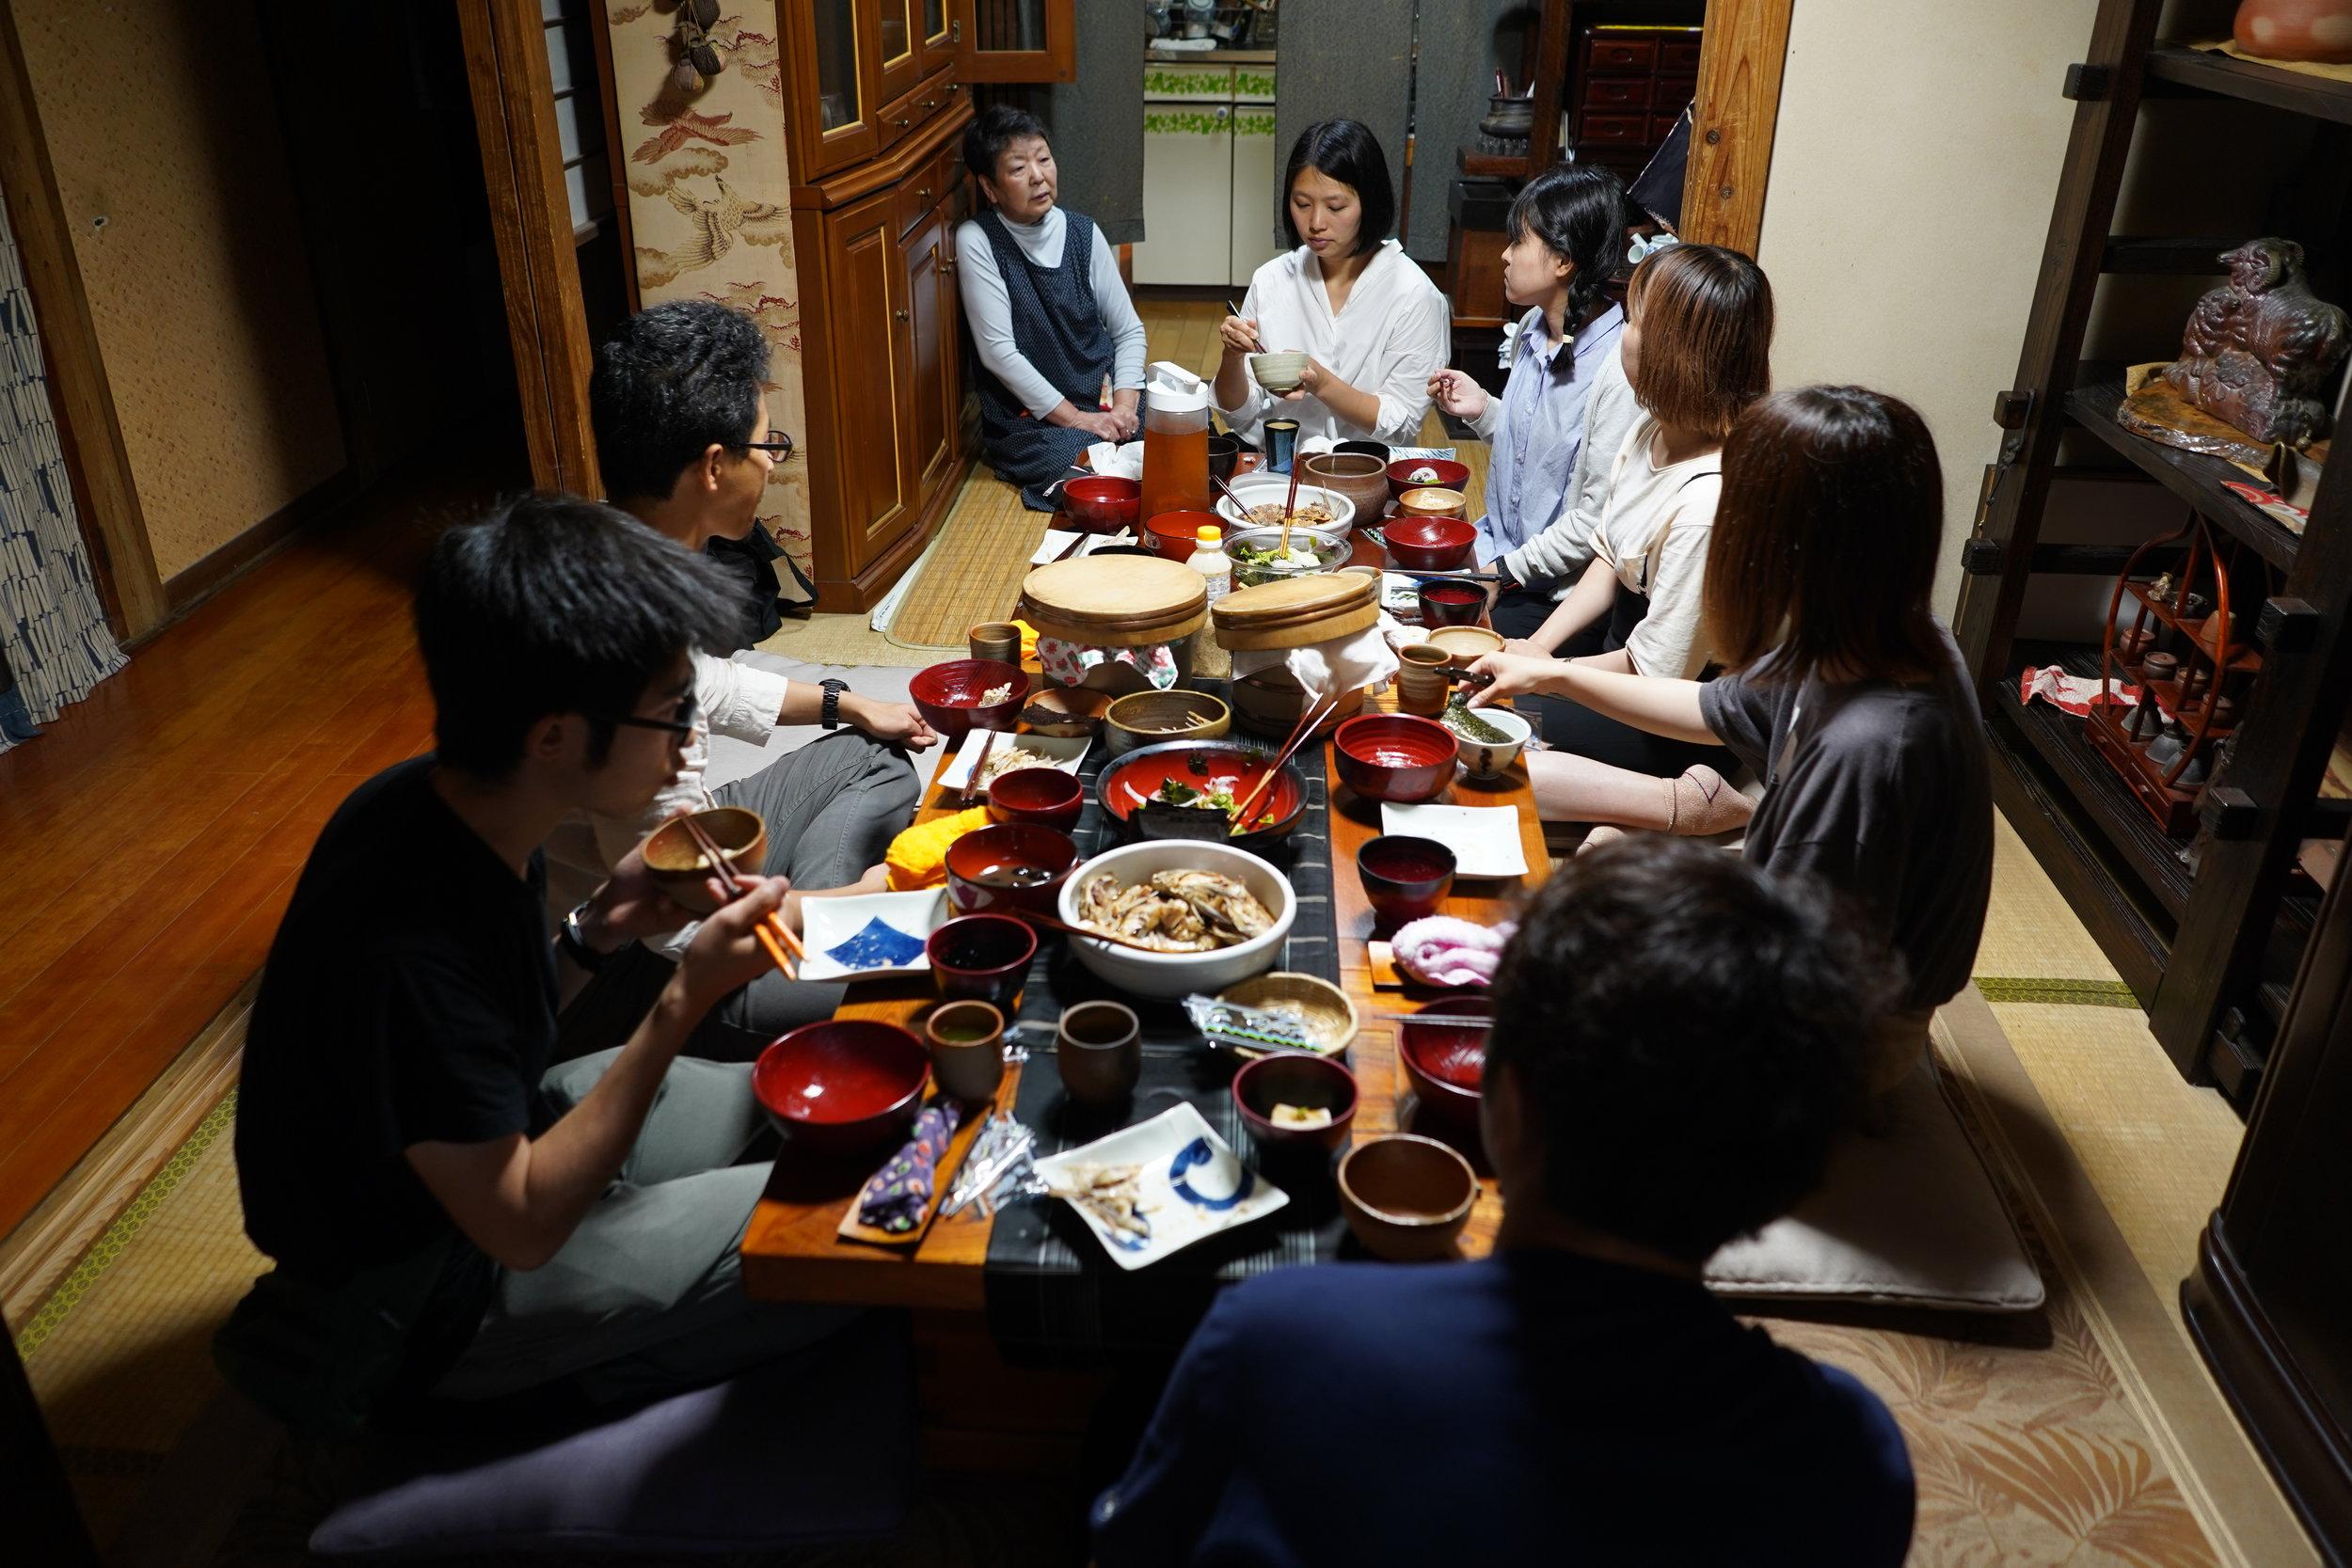 直島のおばあちゃんがとっても美味しい季節料理を作ってくれました。そして、島の歴史や文化についてもお話を聞くことができました。 A Naoshima elder served traditional island dishes and discussed local history and culture.